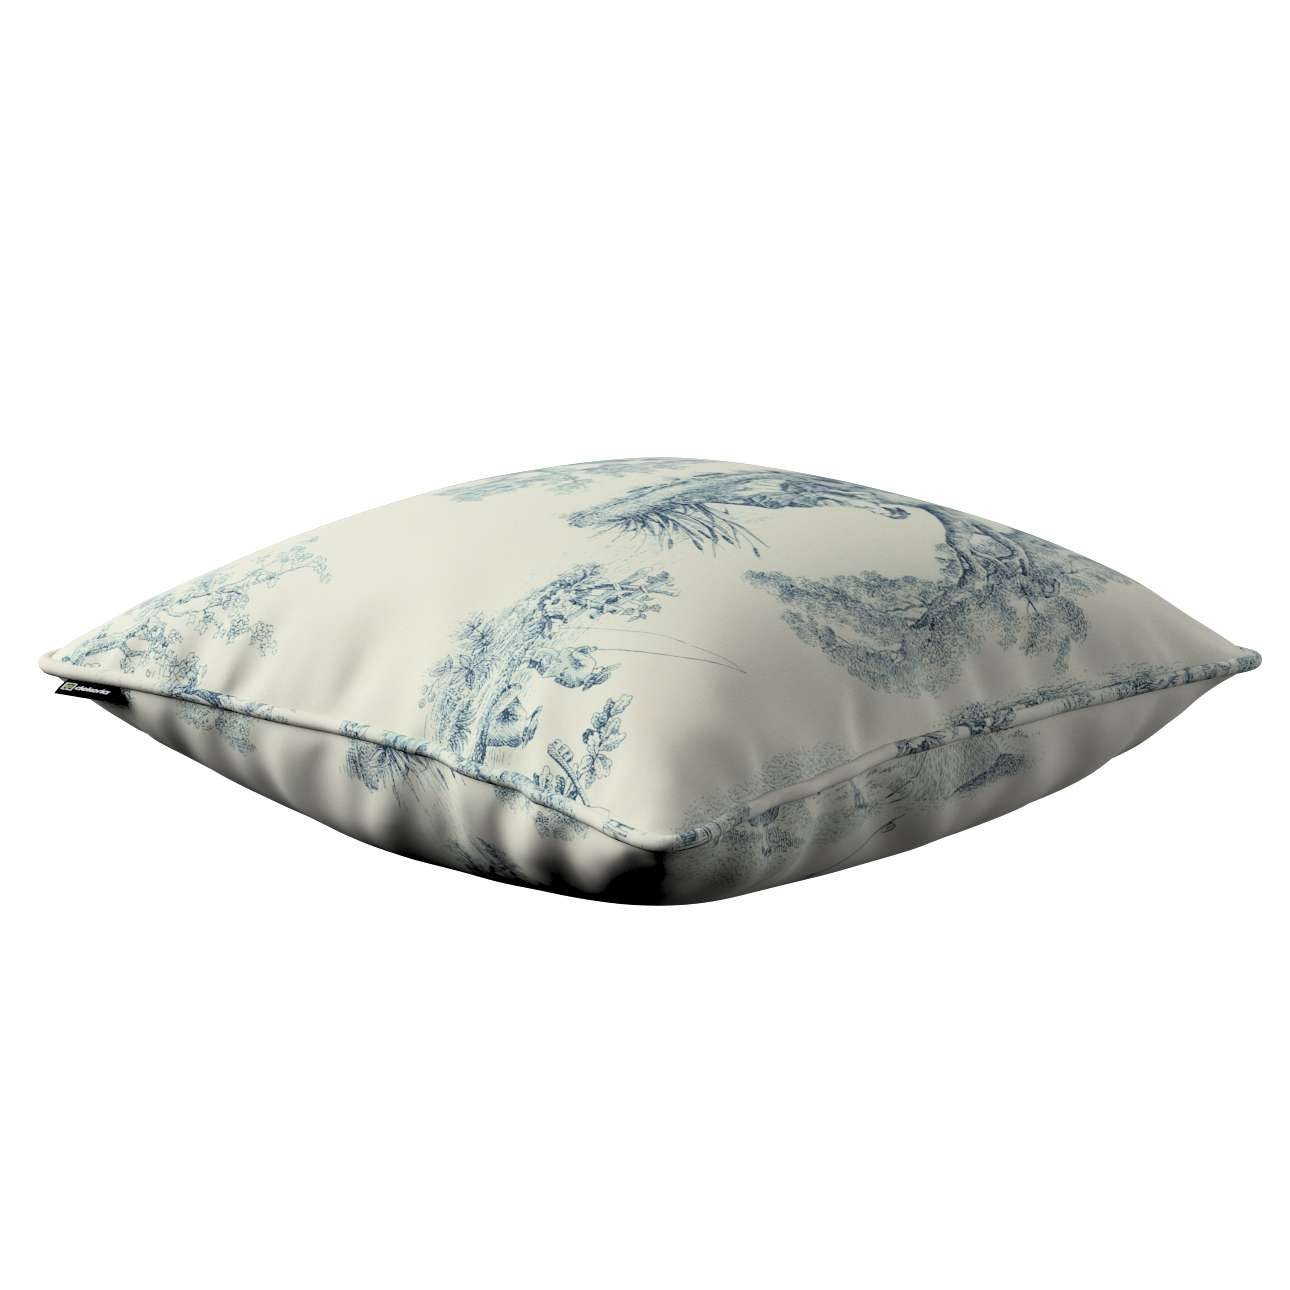 Poszewka Gabi na poduszkę 45 x 45 cm w kolekcji Avinon, tkanina: 132-66